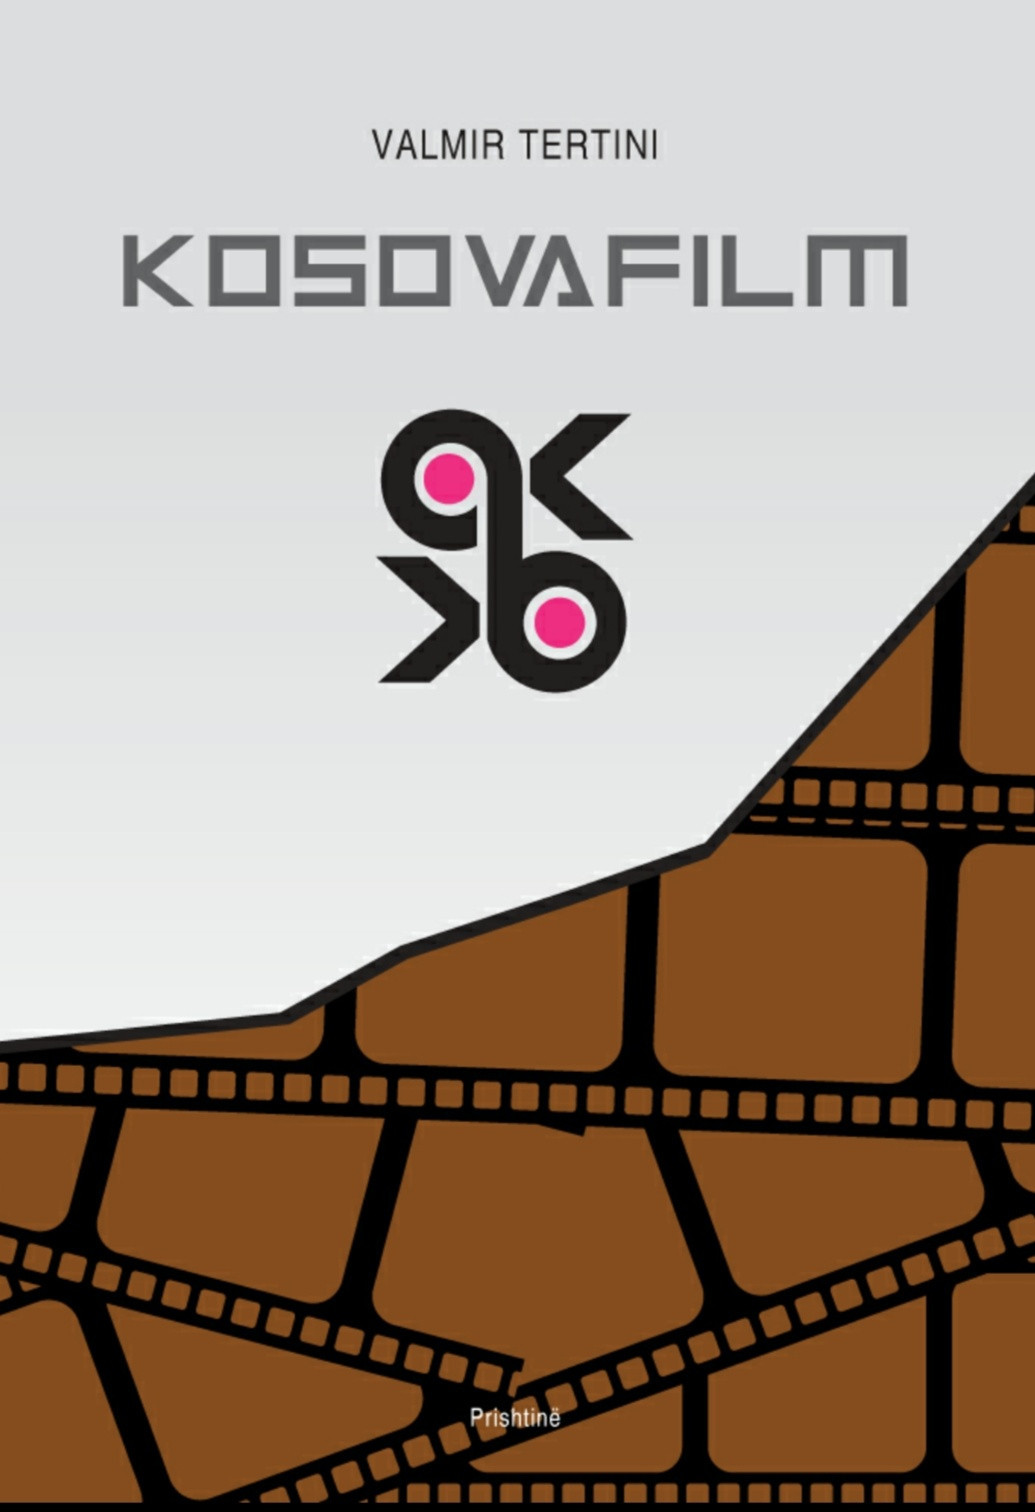 Kosova film